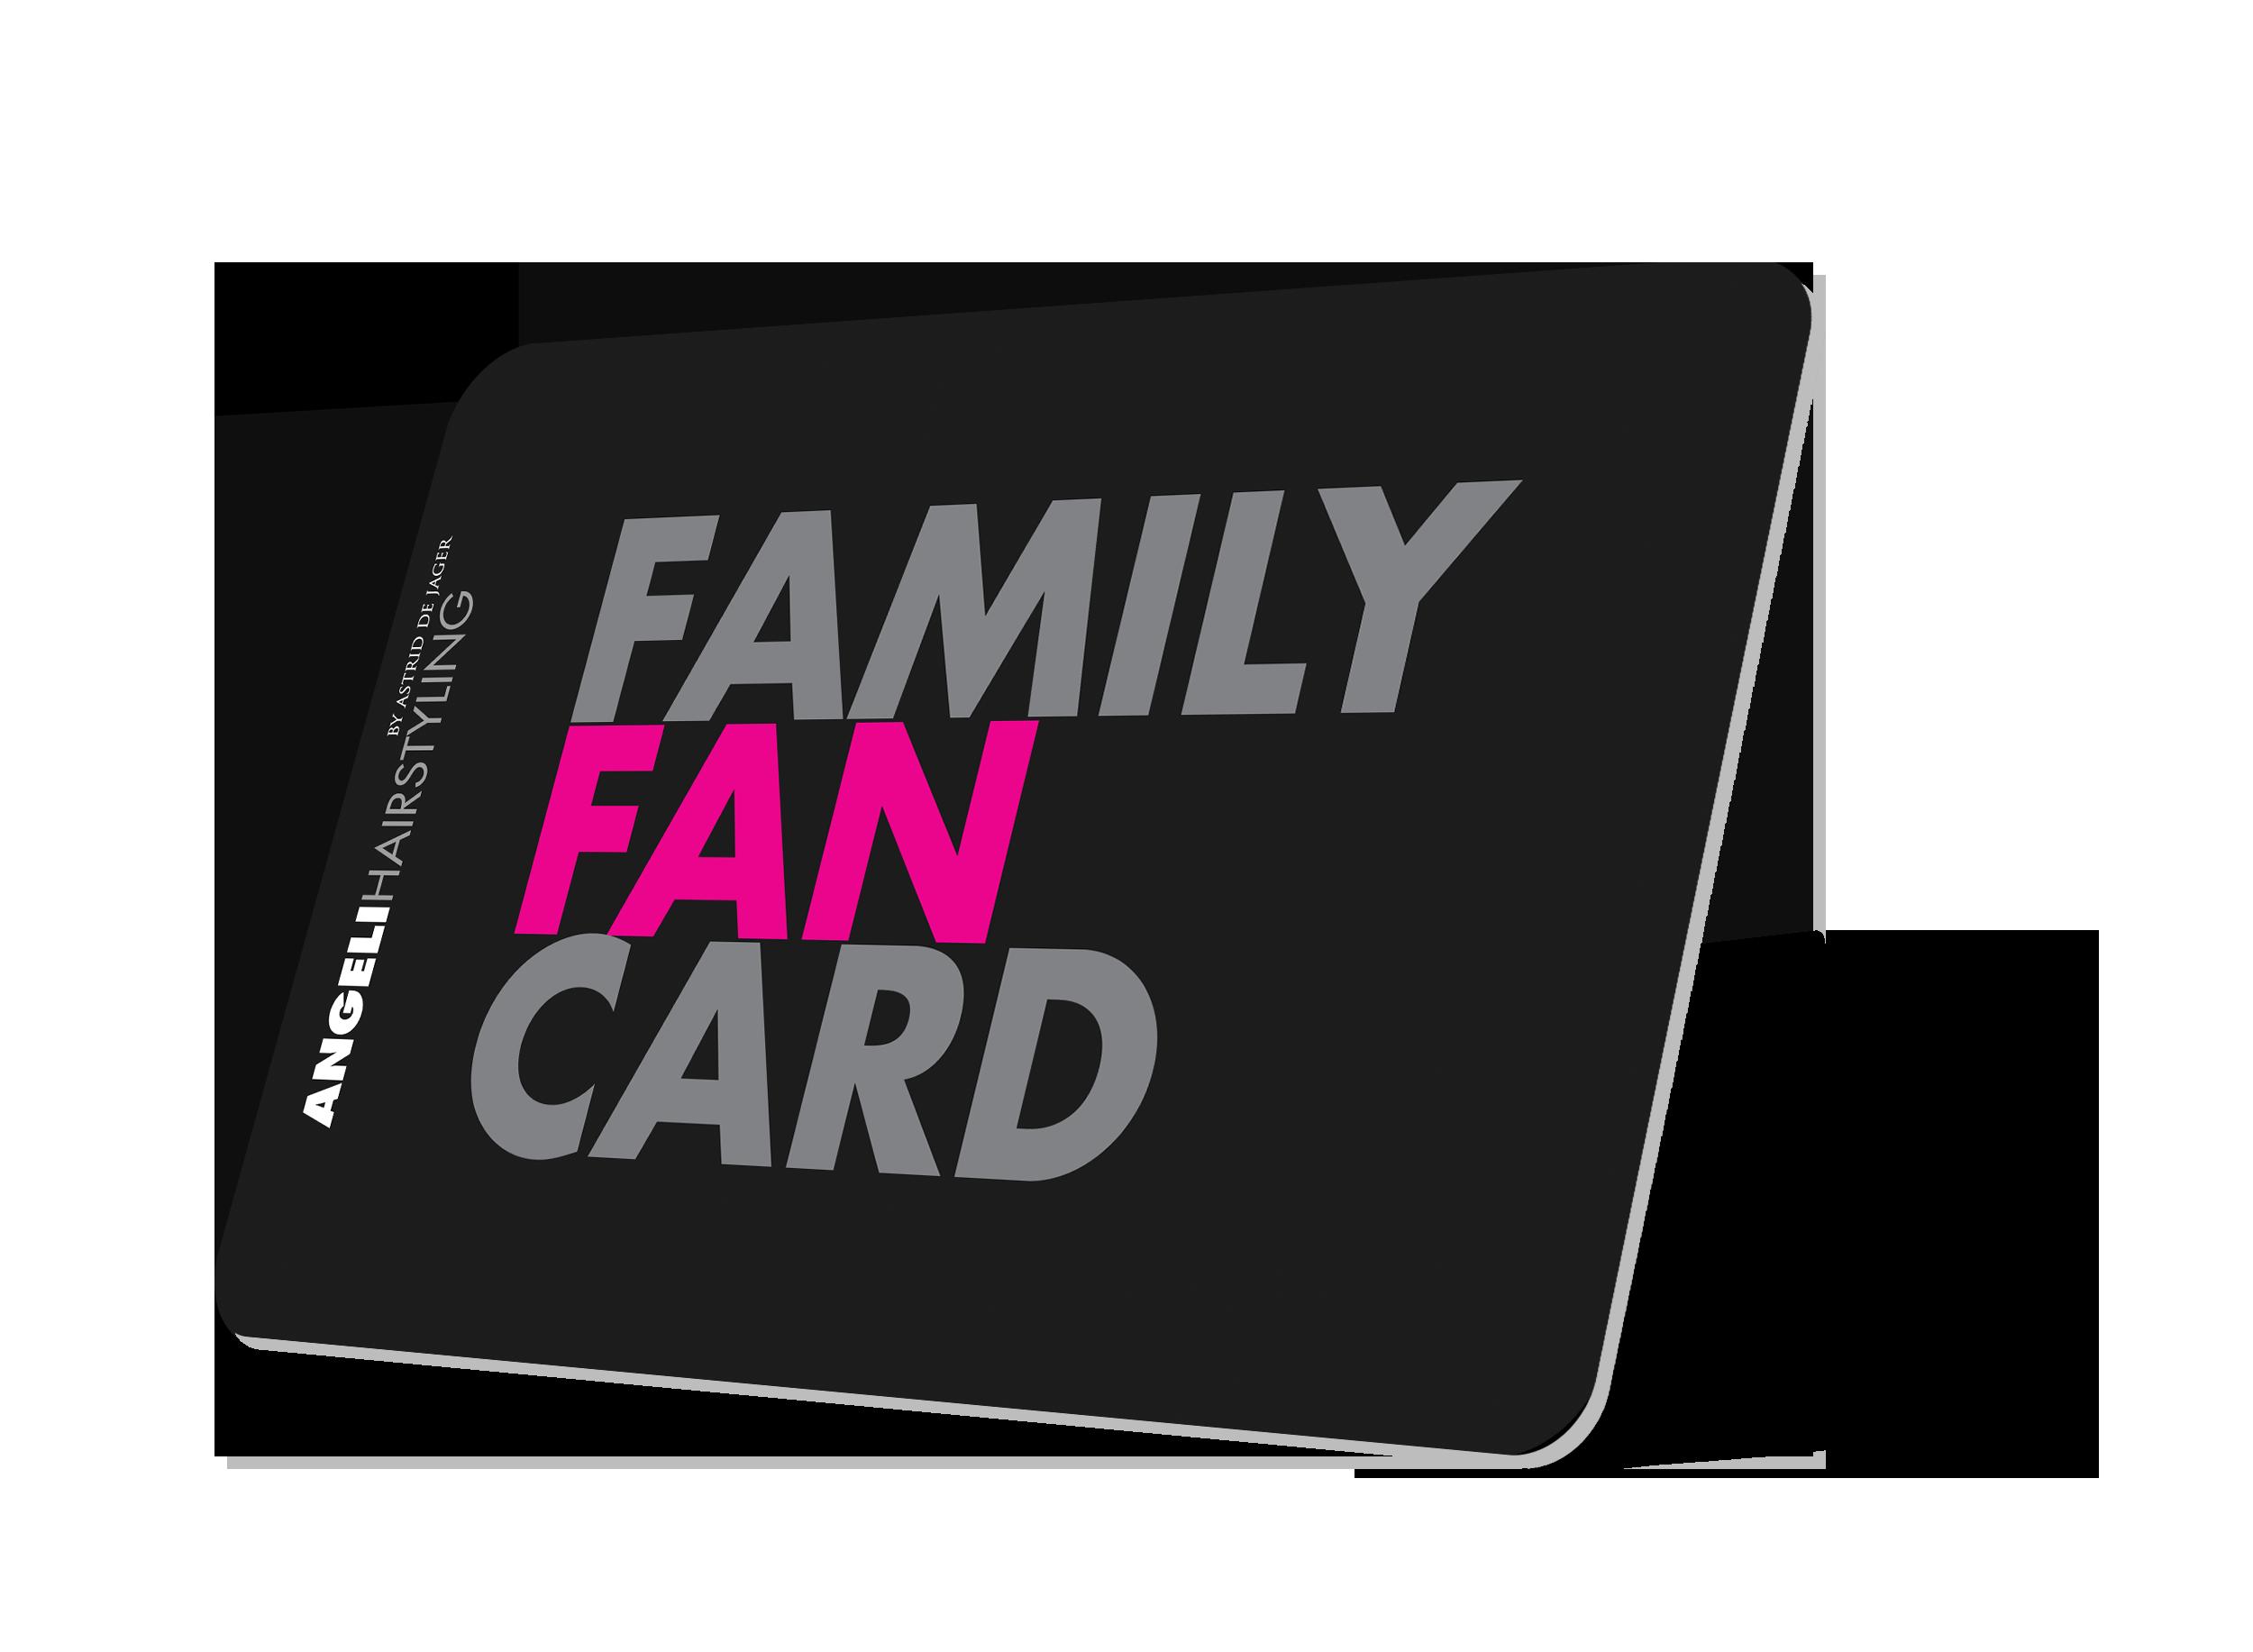 Family Fan Card